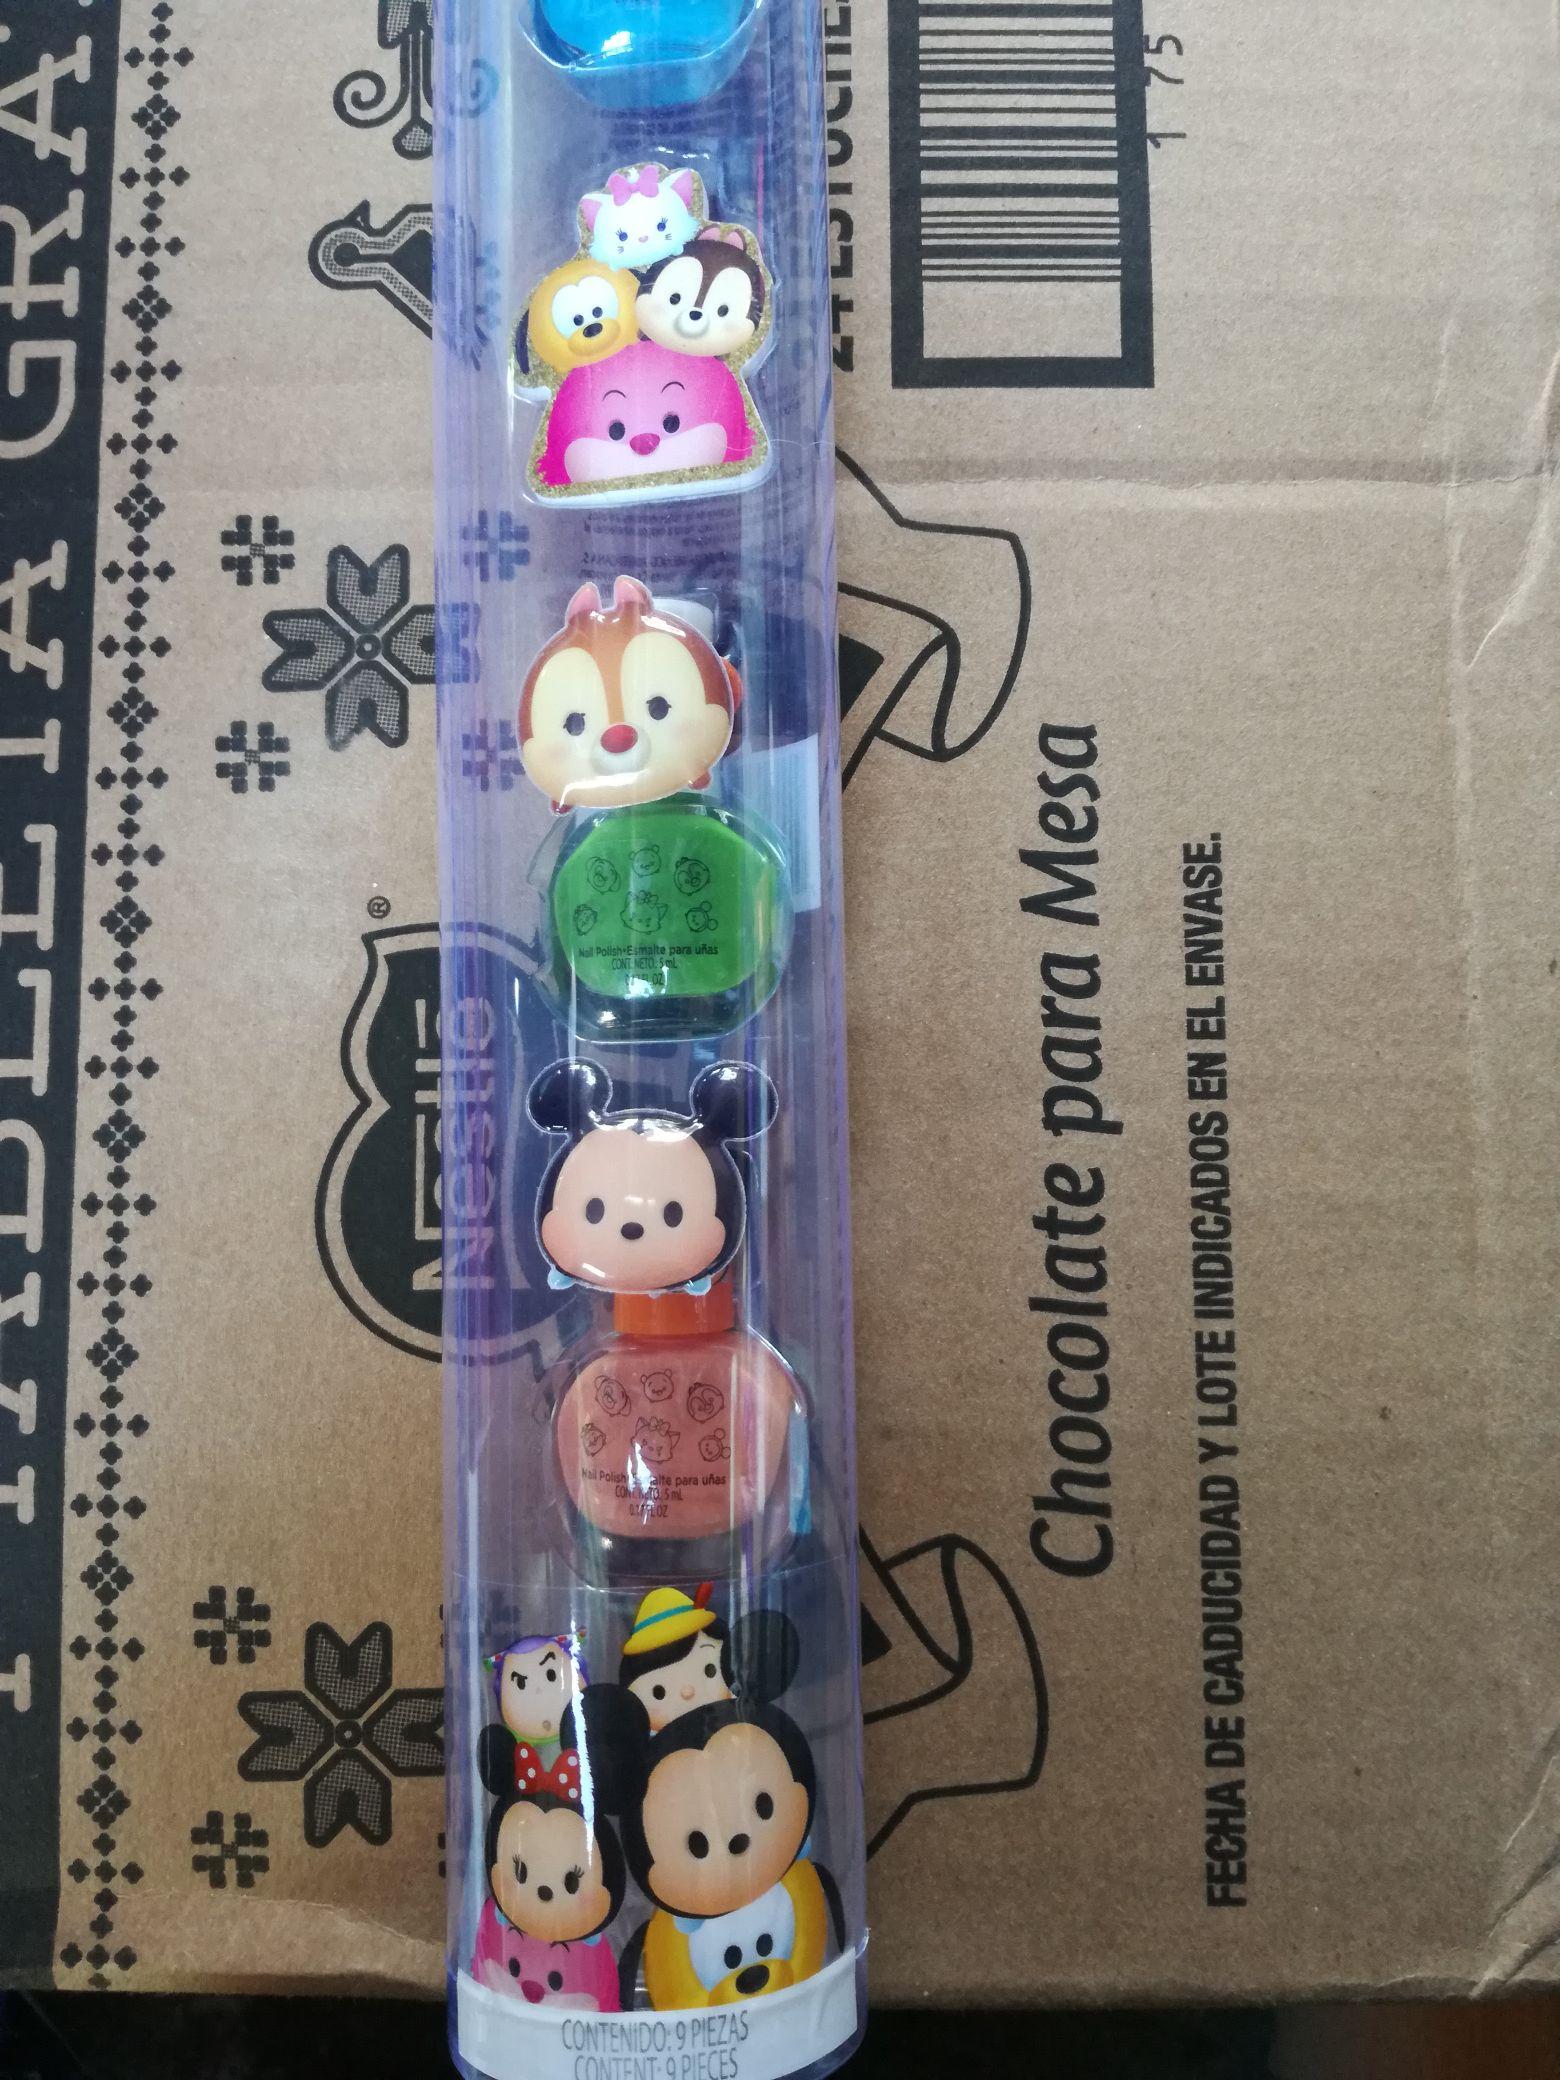 Walmart veracruz: barnices tsum tsum $15.03 ,playera minie niña $10.01,playera niño $10.01